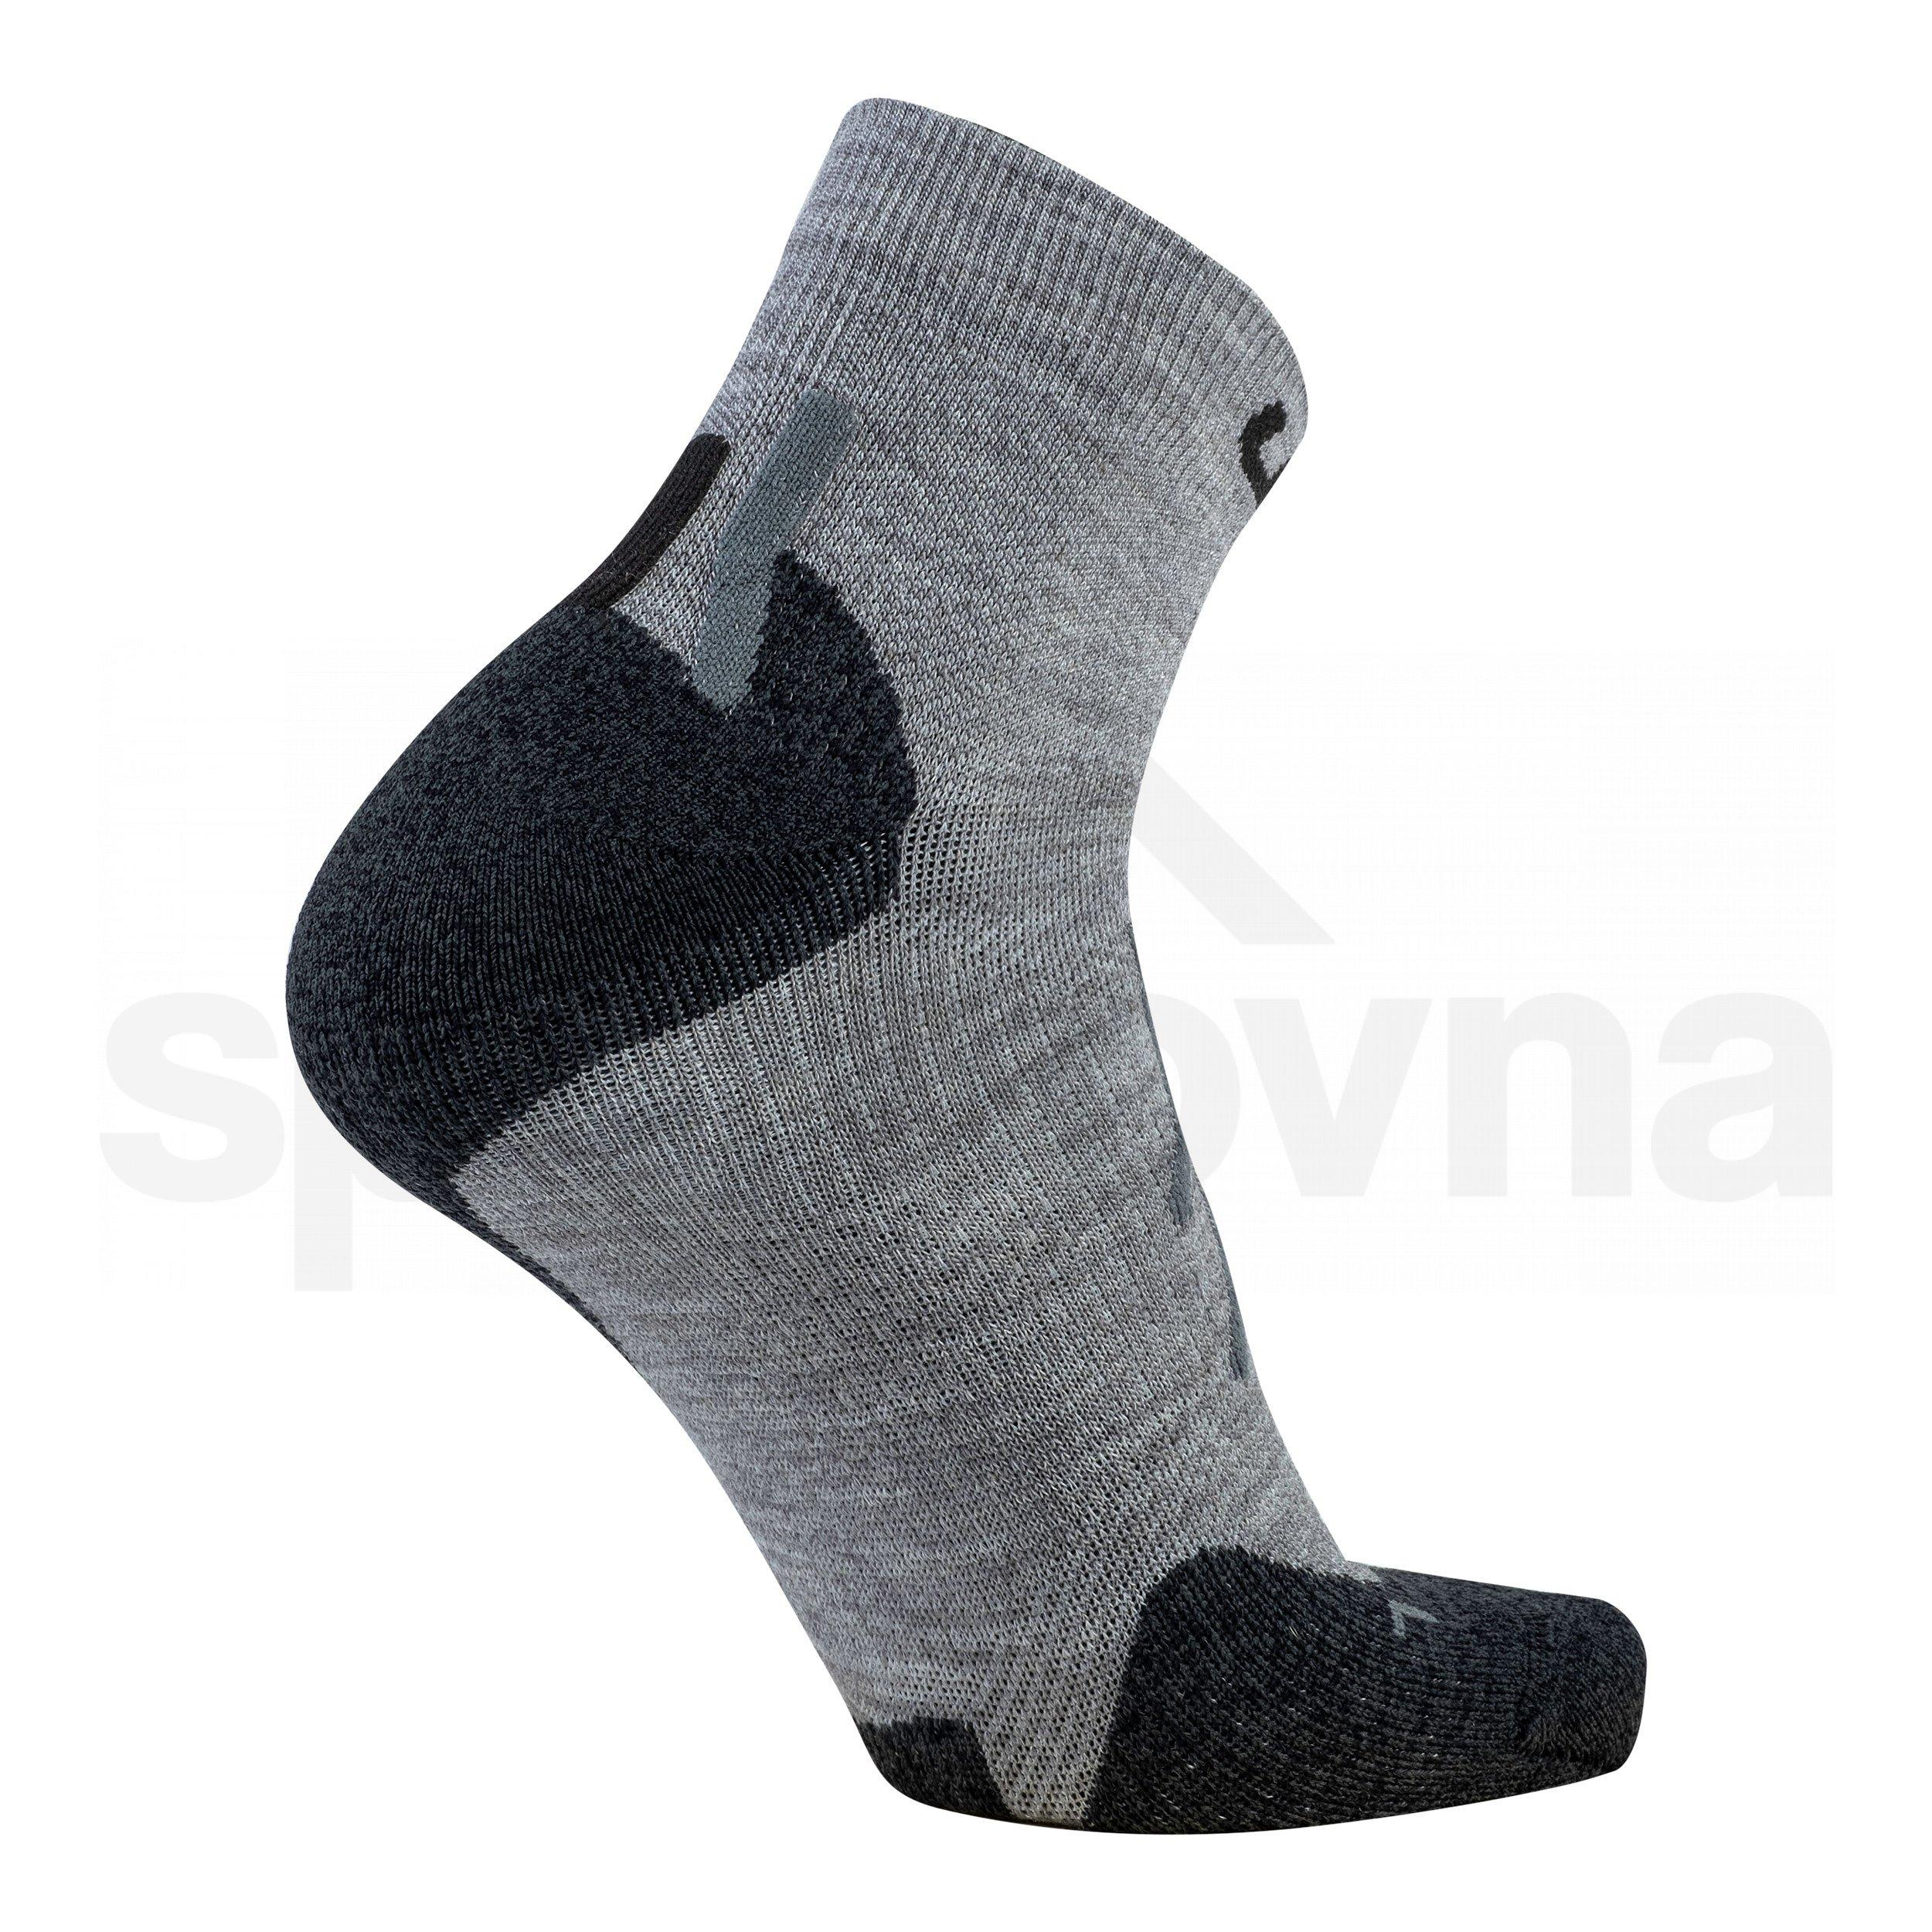 Dámské ponožky UYN TREKKING APPROACH MERINO LOW CUT SOCKS - šedá/černá